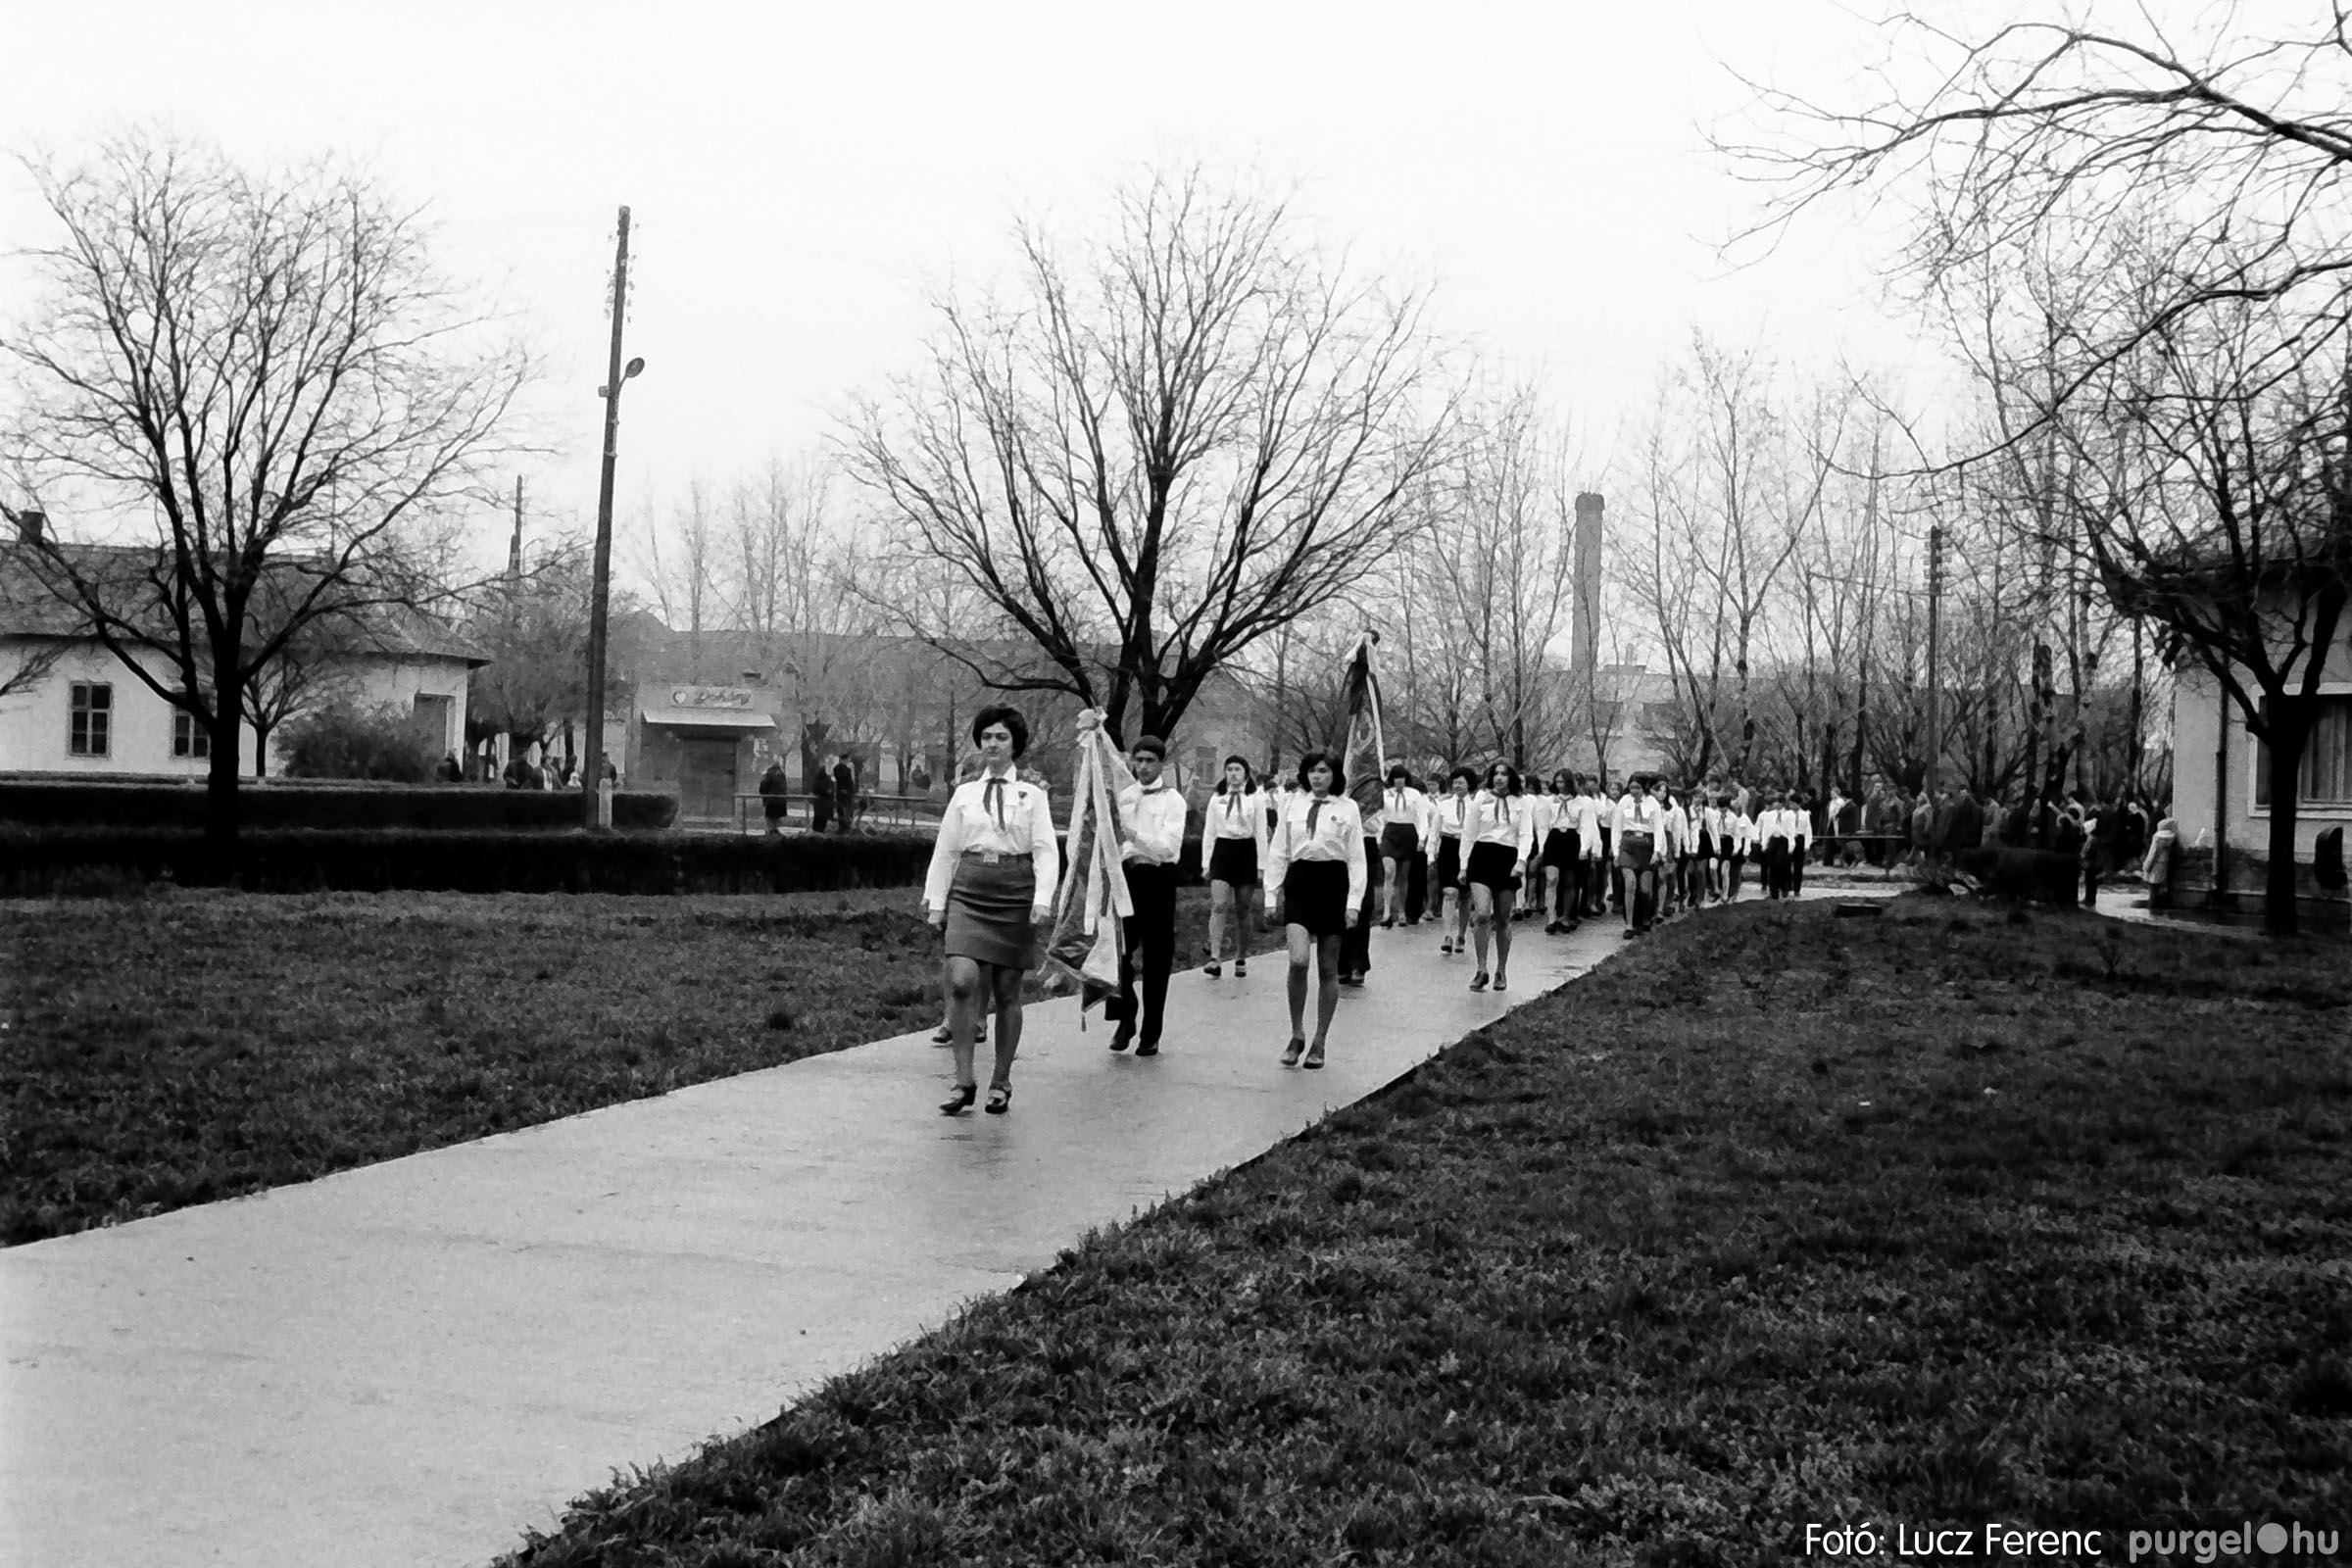 008 1975.04.04. Április 4-i ünnepség 017 - Fotó: Lucz Ferenc IMG00140q.jpg